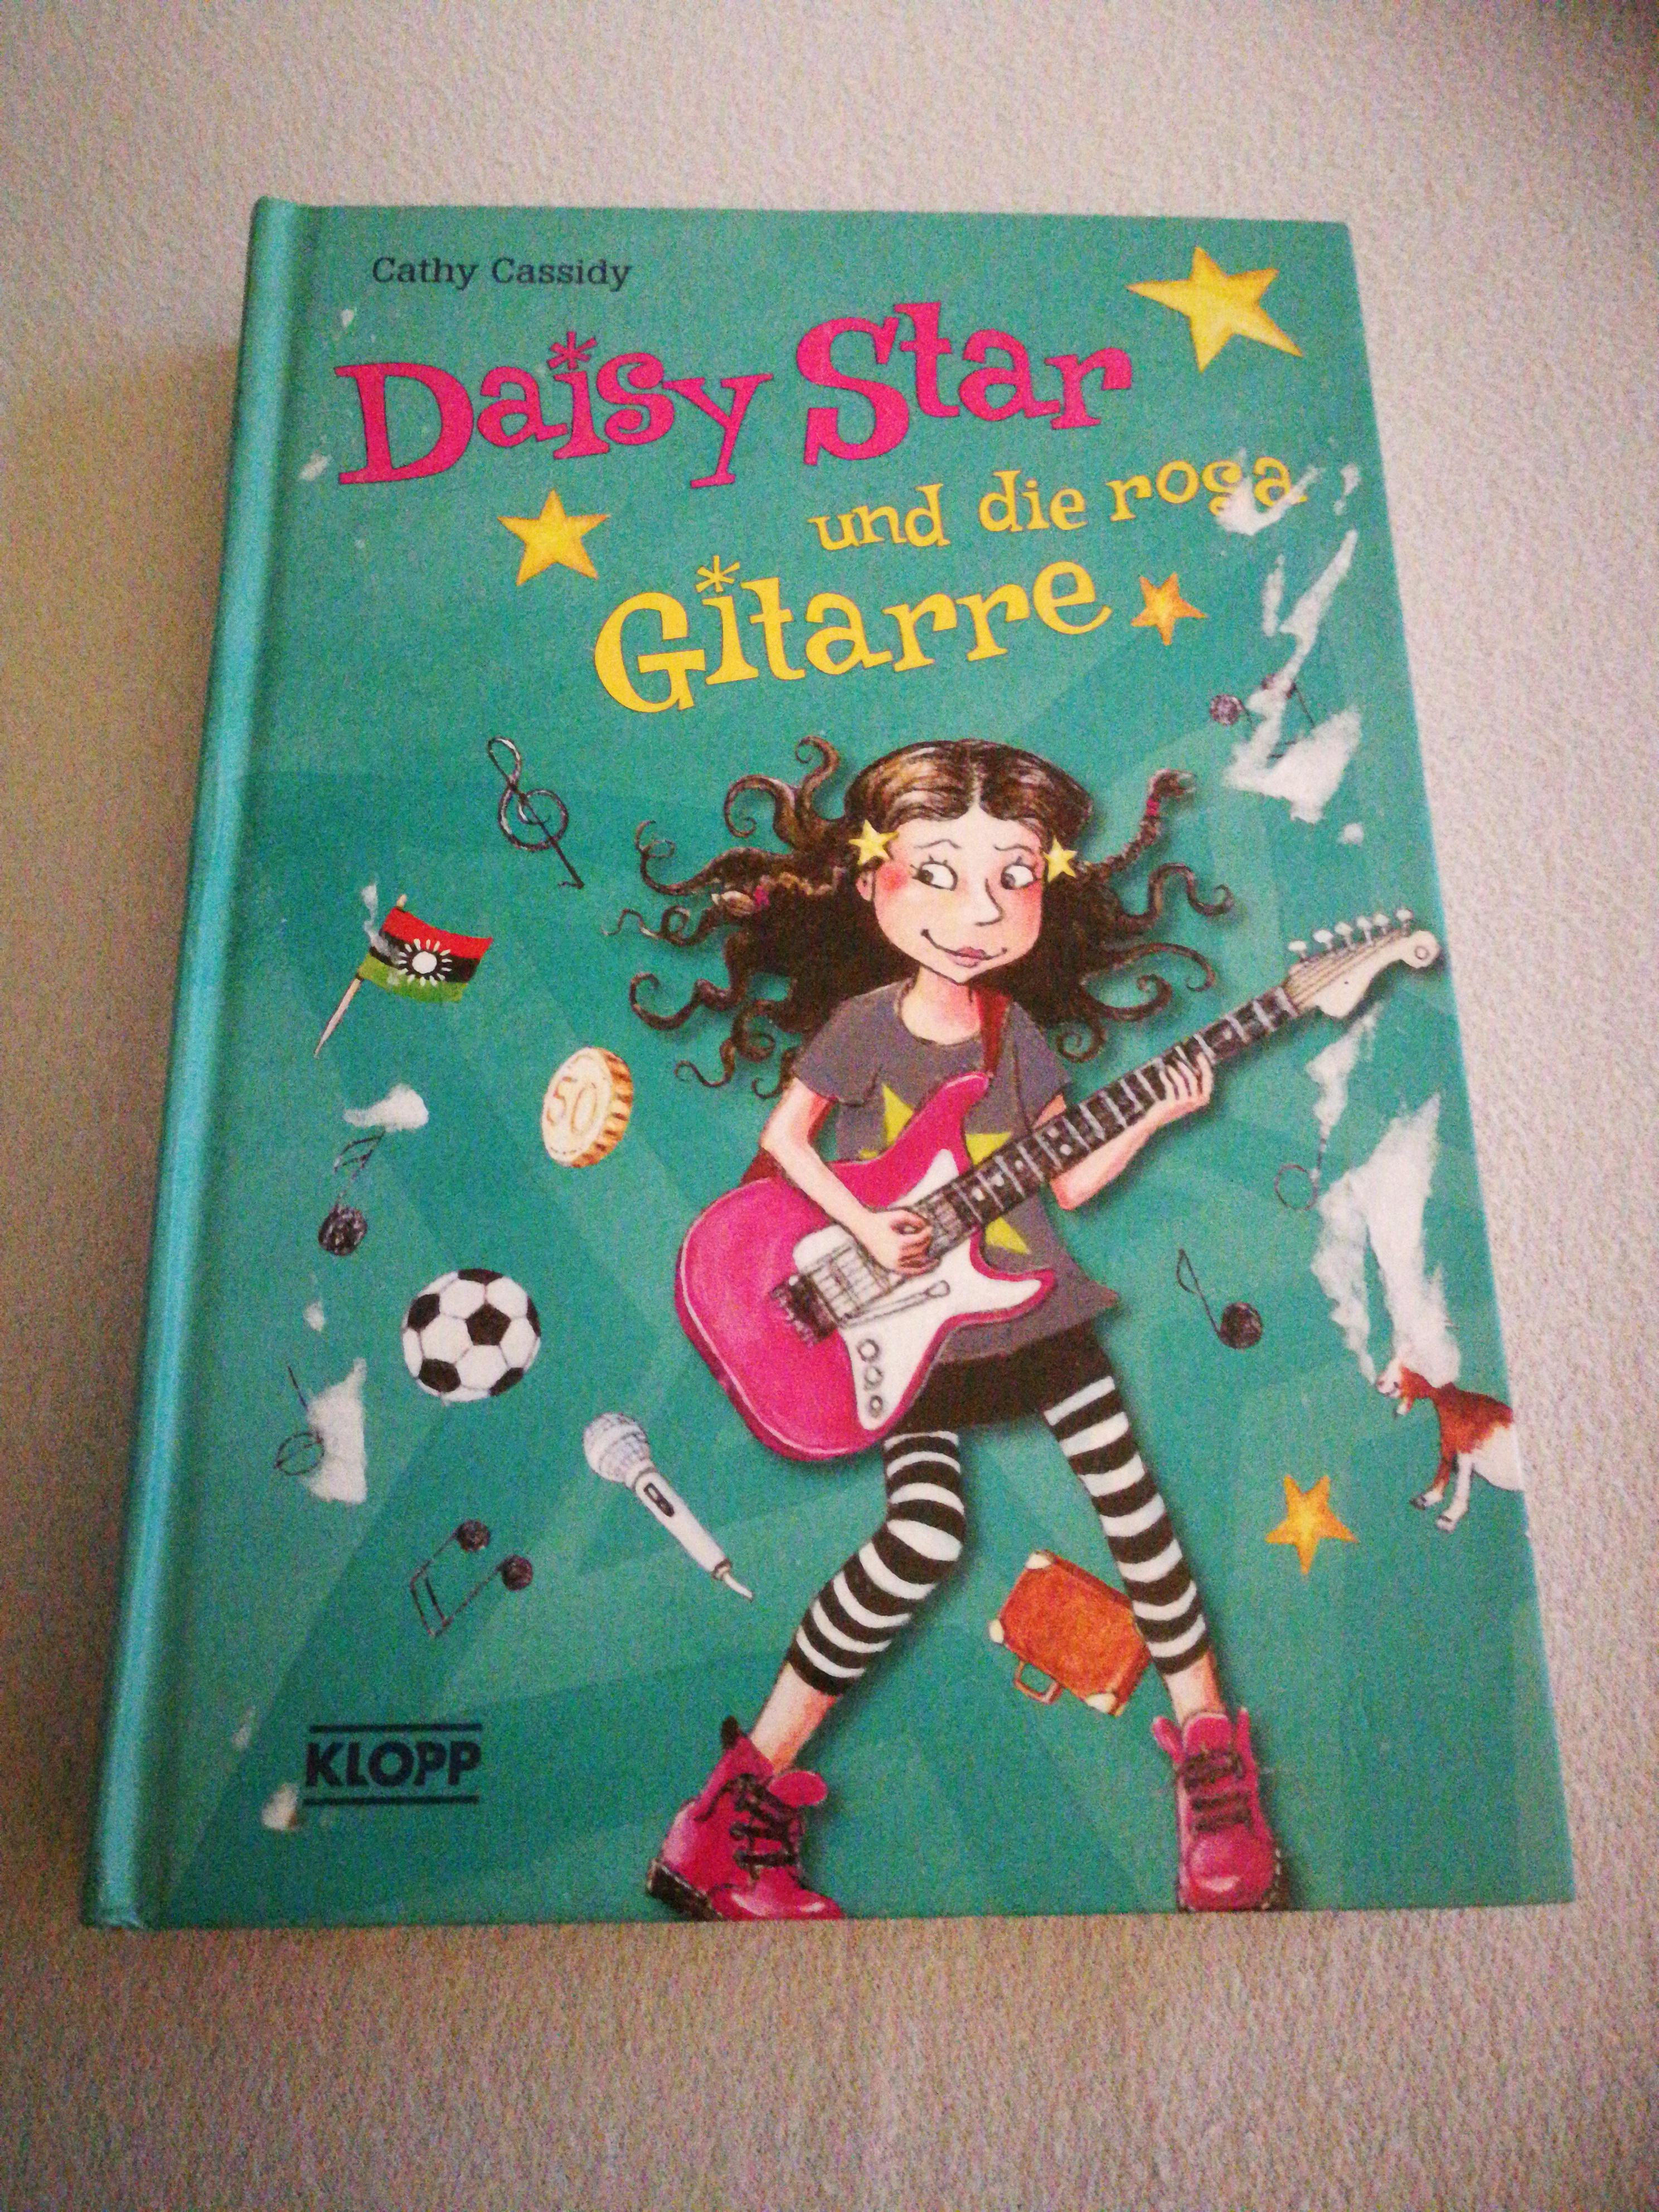 Daisy Star tauschen